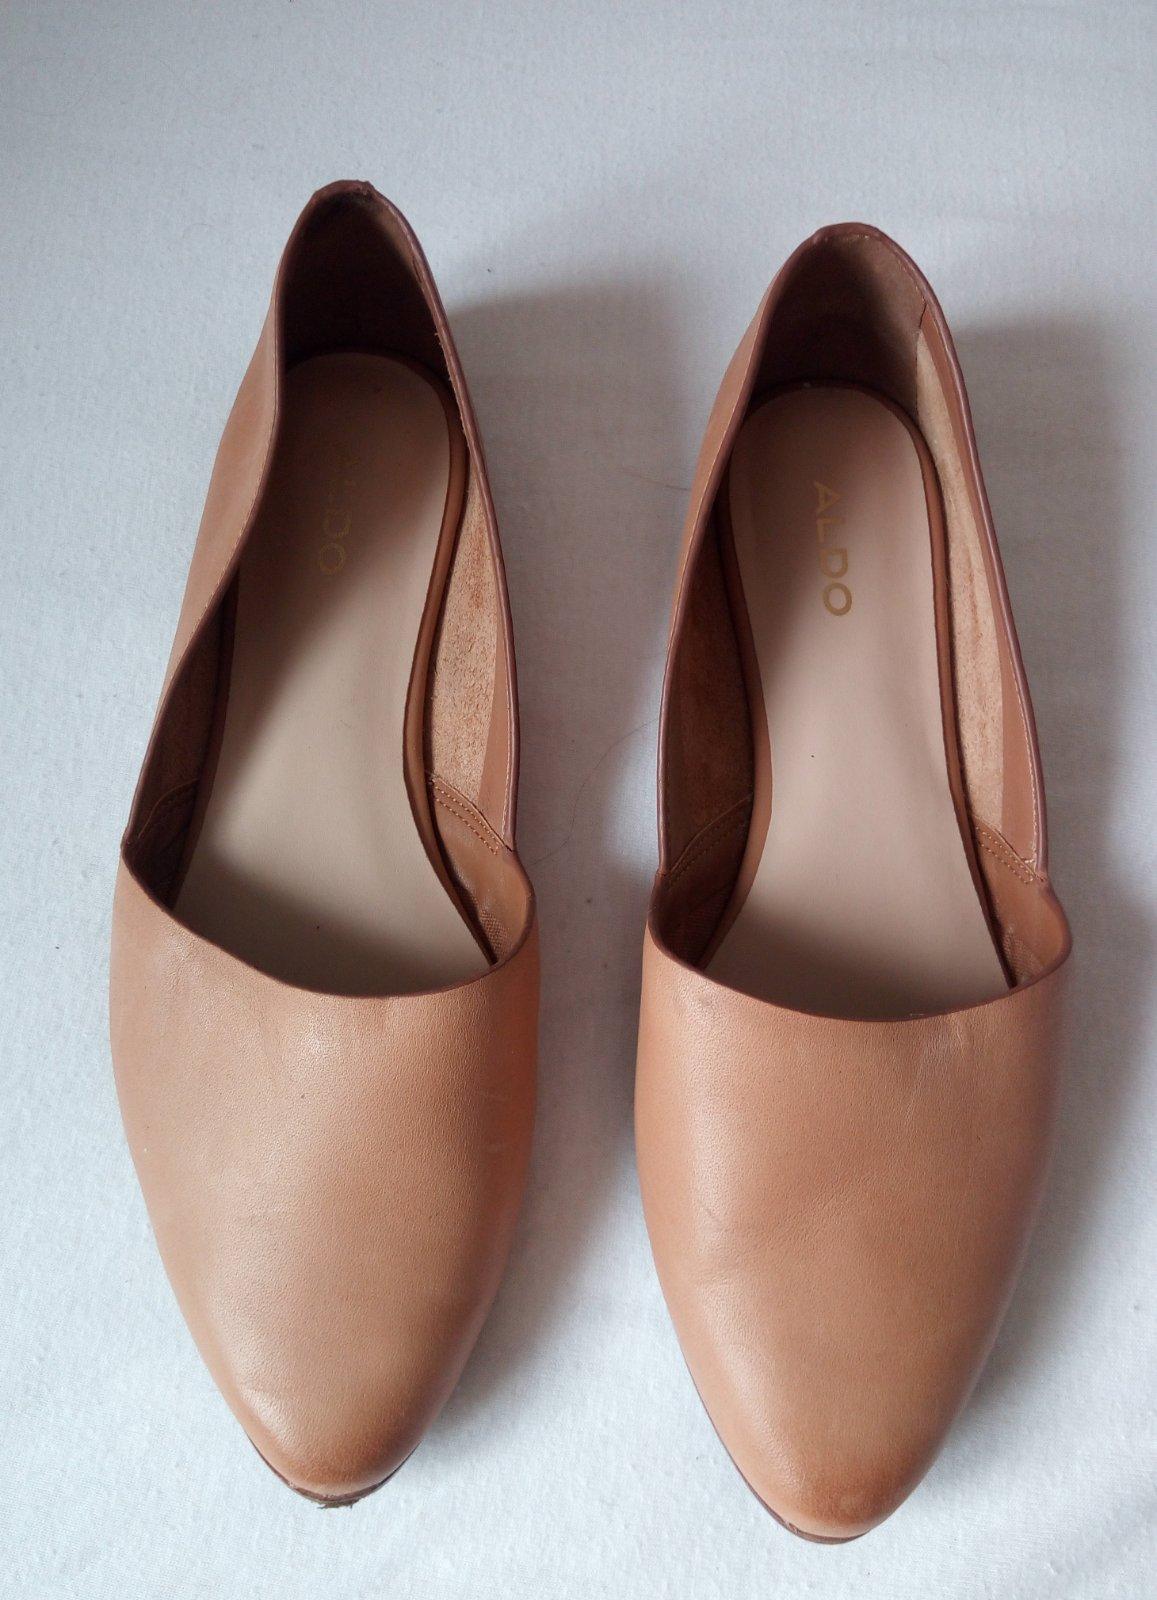 Bledohnedé/béžové minimalistické kožené baleríny 38 - Obrázok č. 1